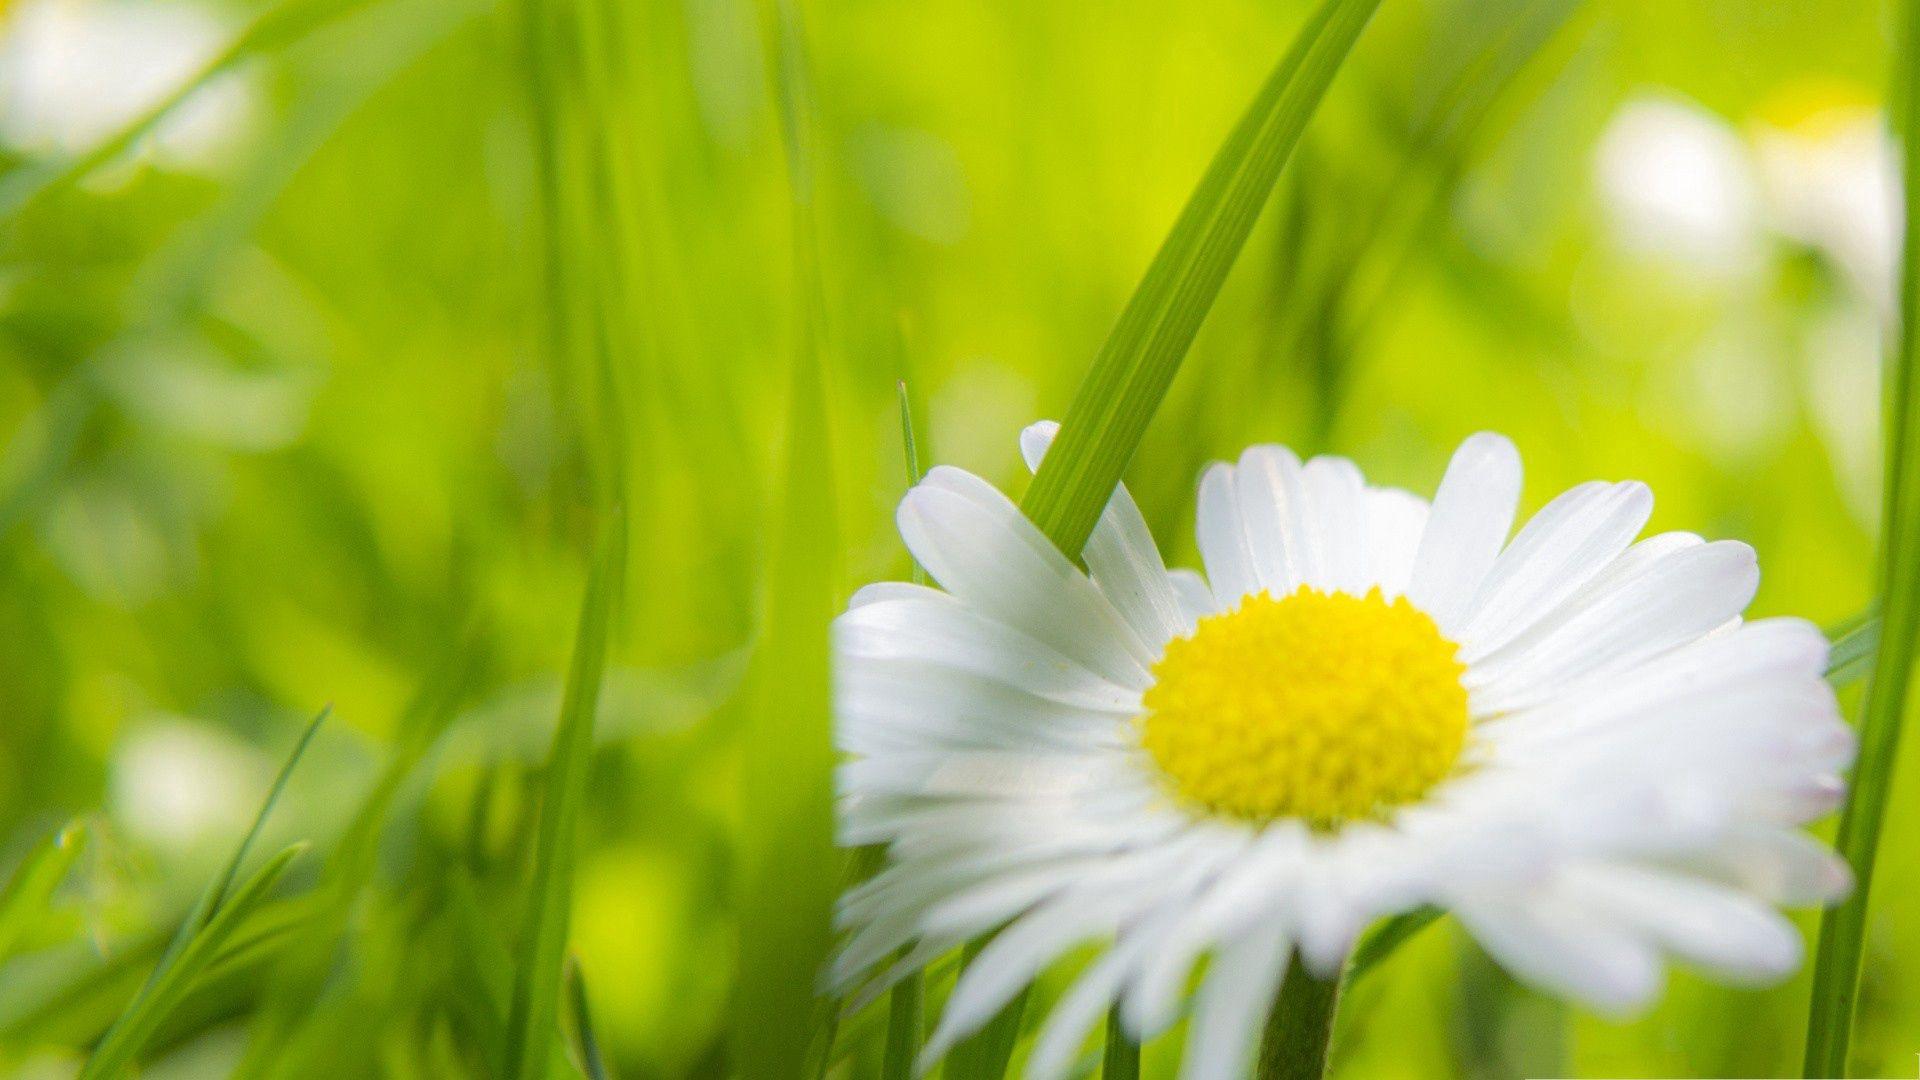 130473 скачать обои Цветок, Трава, Макро, Ромашка - заставки и картинки бесплатно